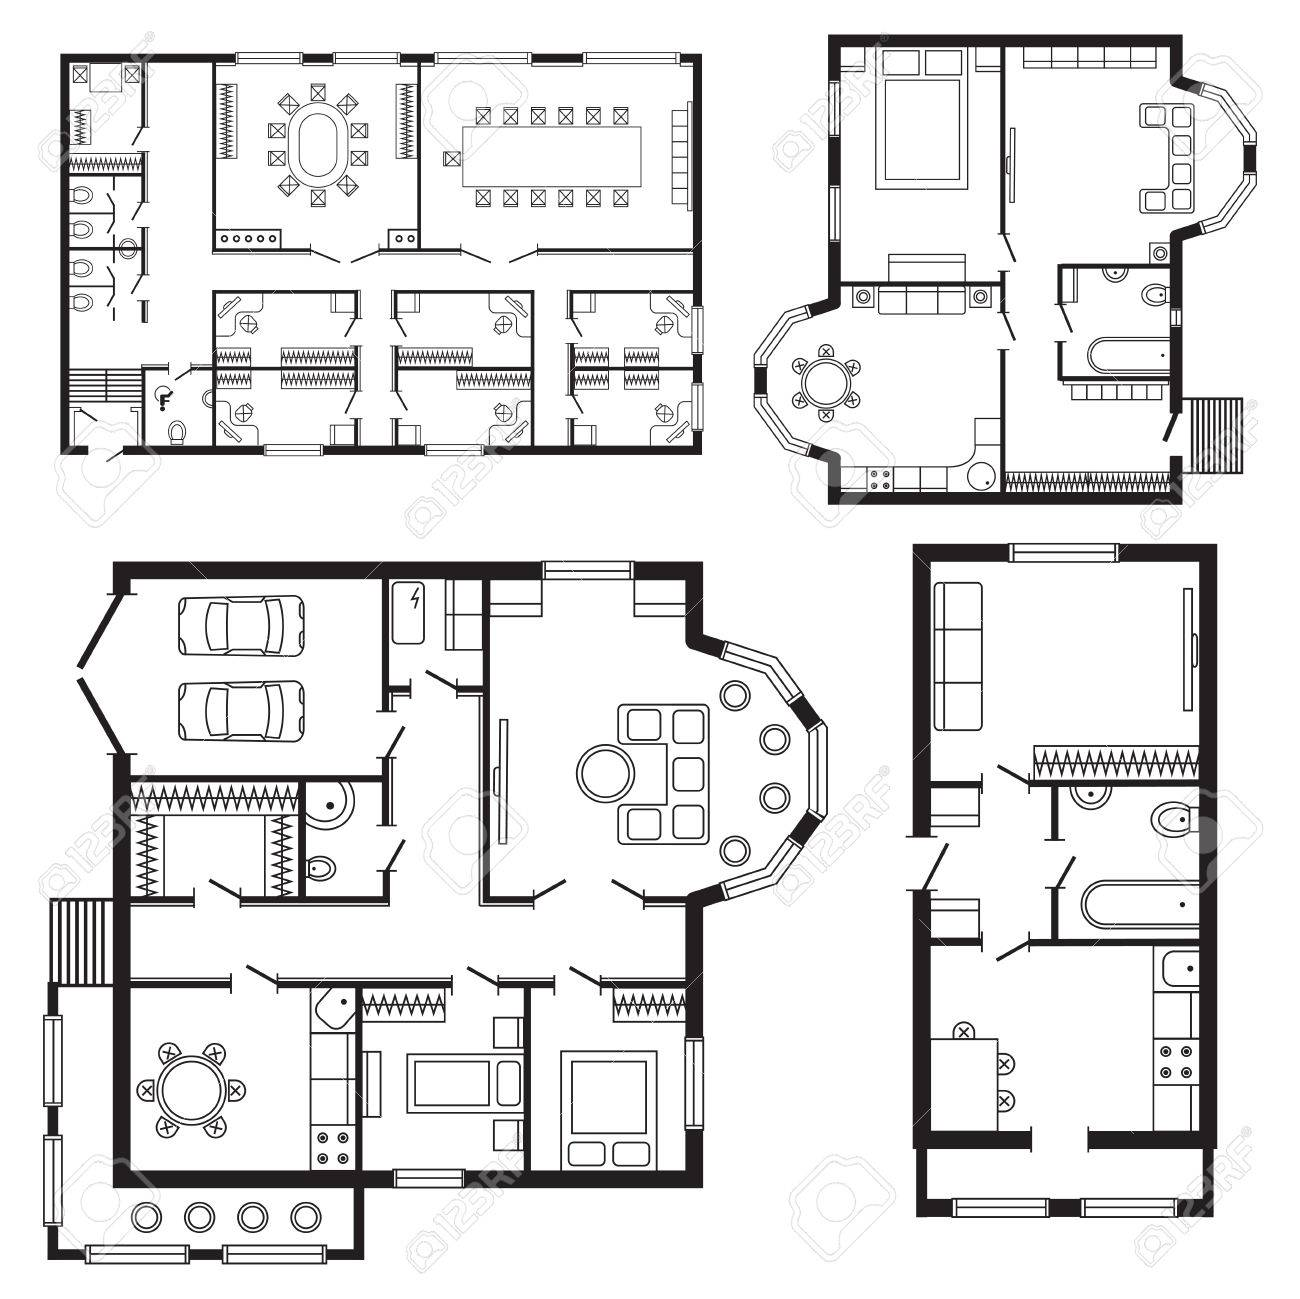 Mobilier D\'intérieur Moderne De Plan Architectural De Bureau Et ...